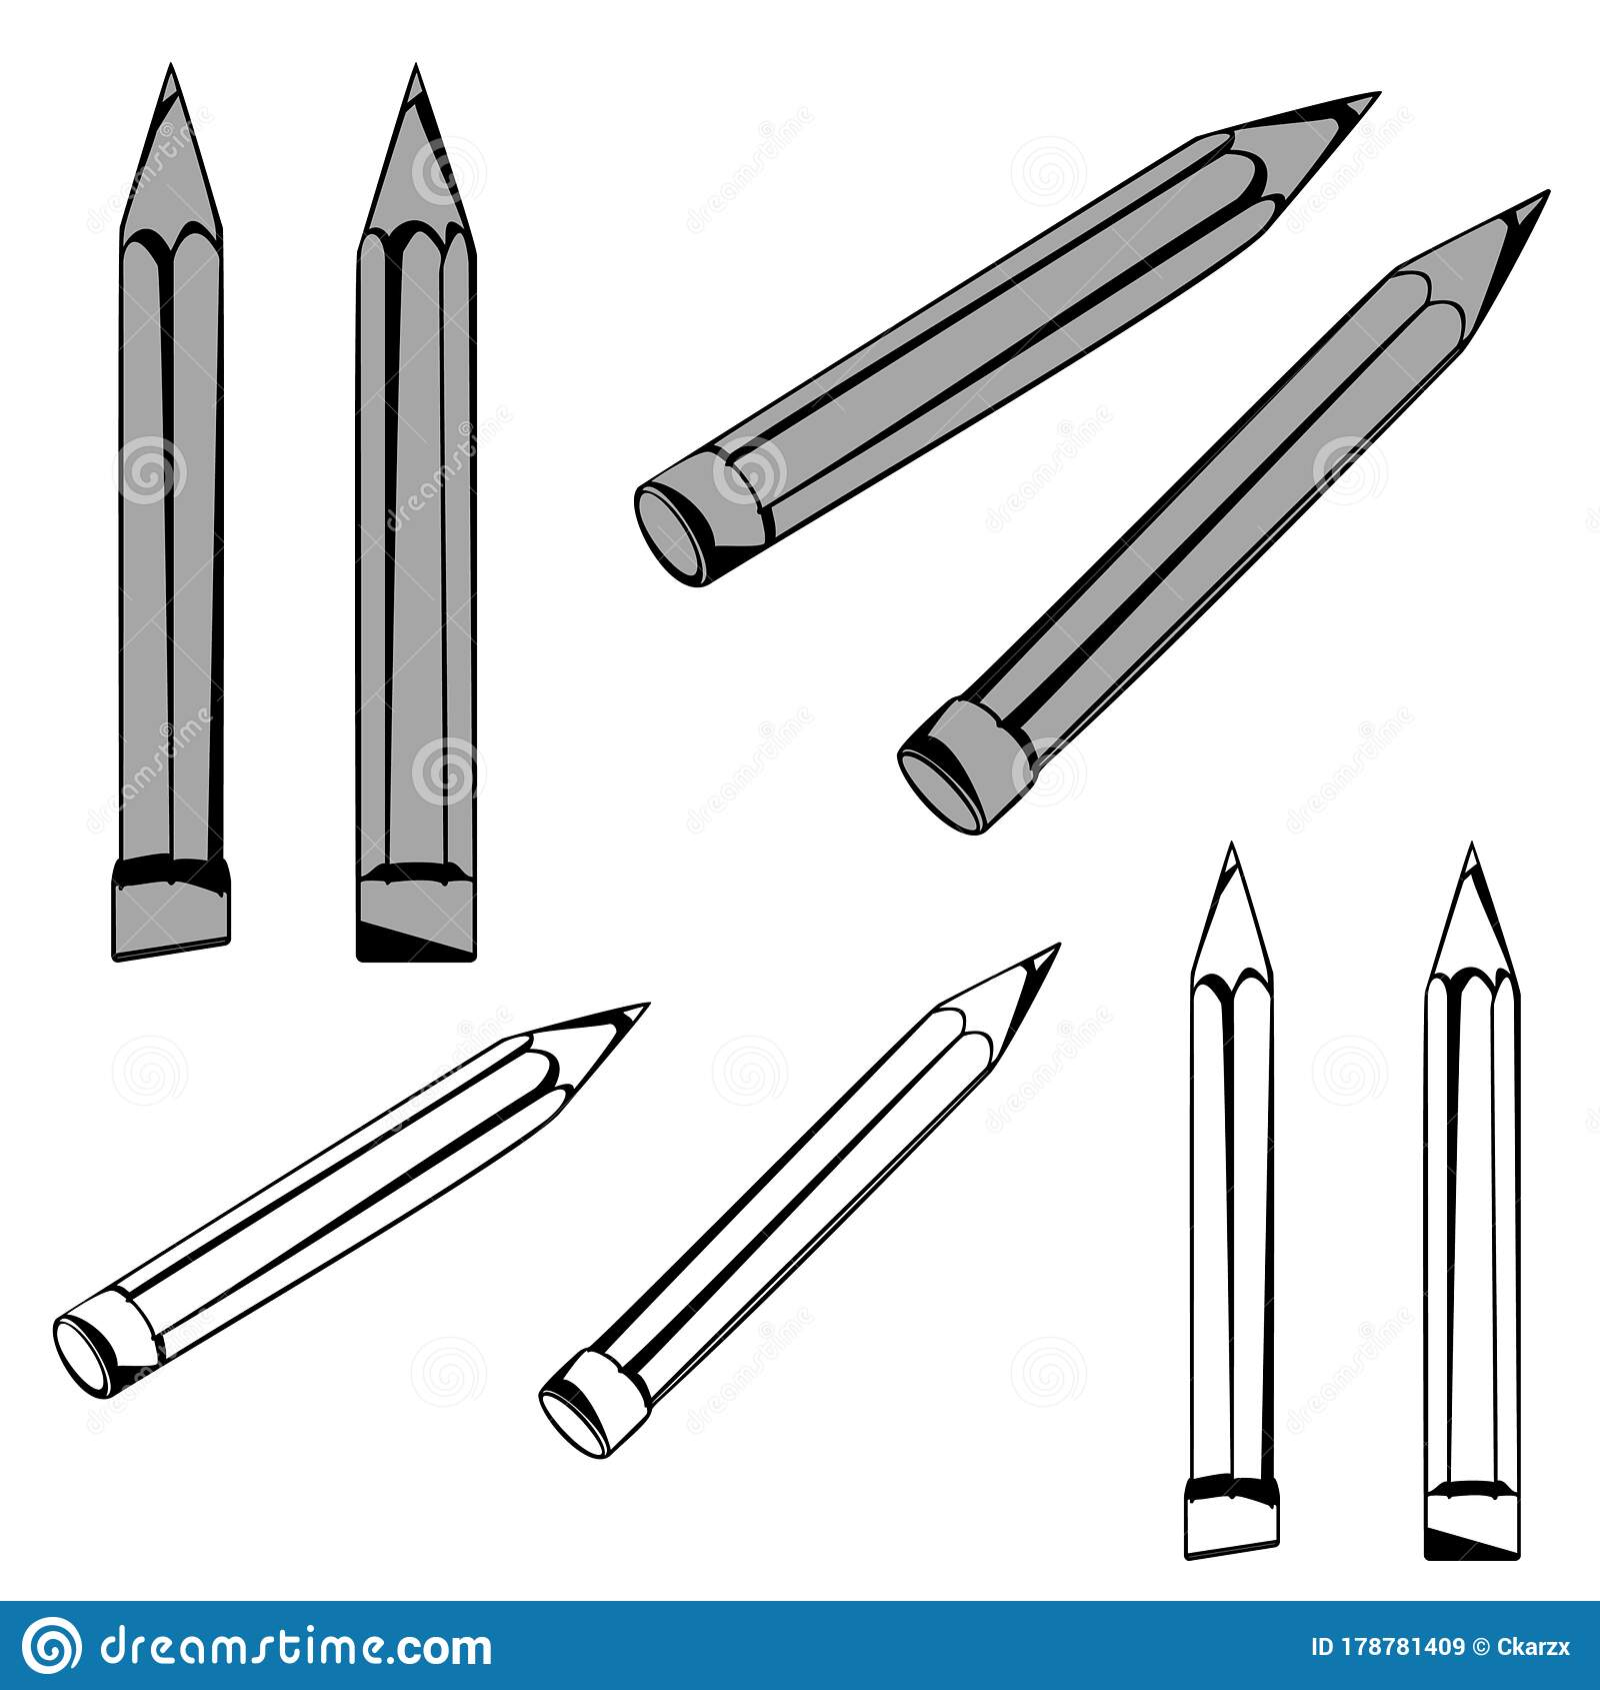 eight pencils stock illustrations 50 eight pencils stock illustrations vectors clipart dreamstime